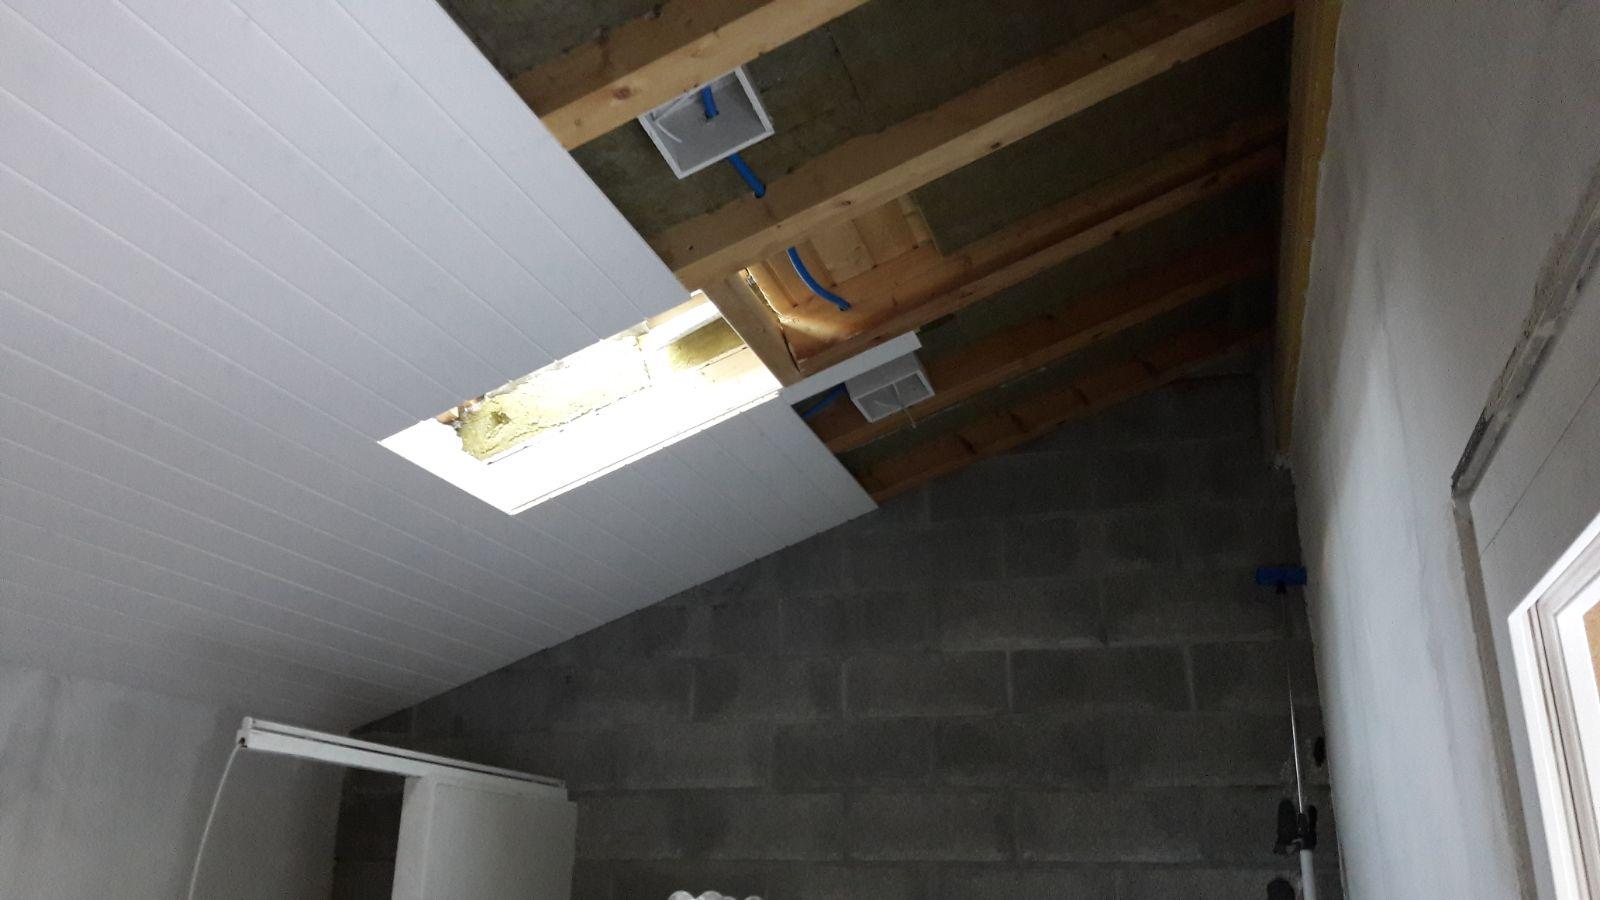 Recouvrement de lambri au plafond d'un g